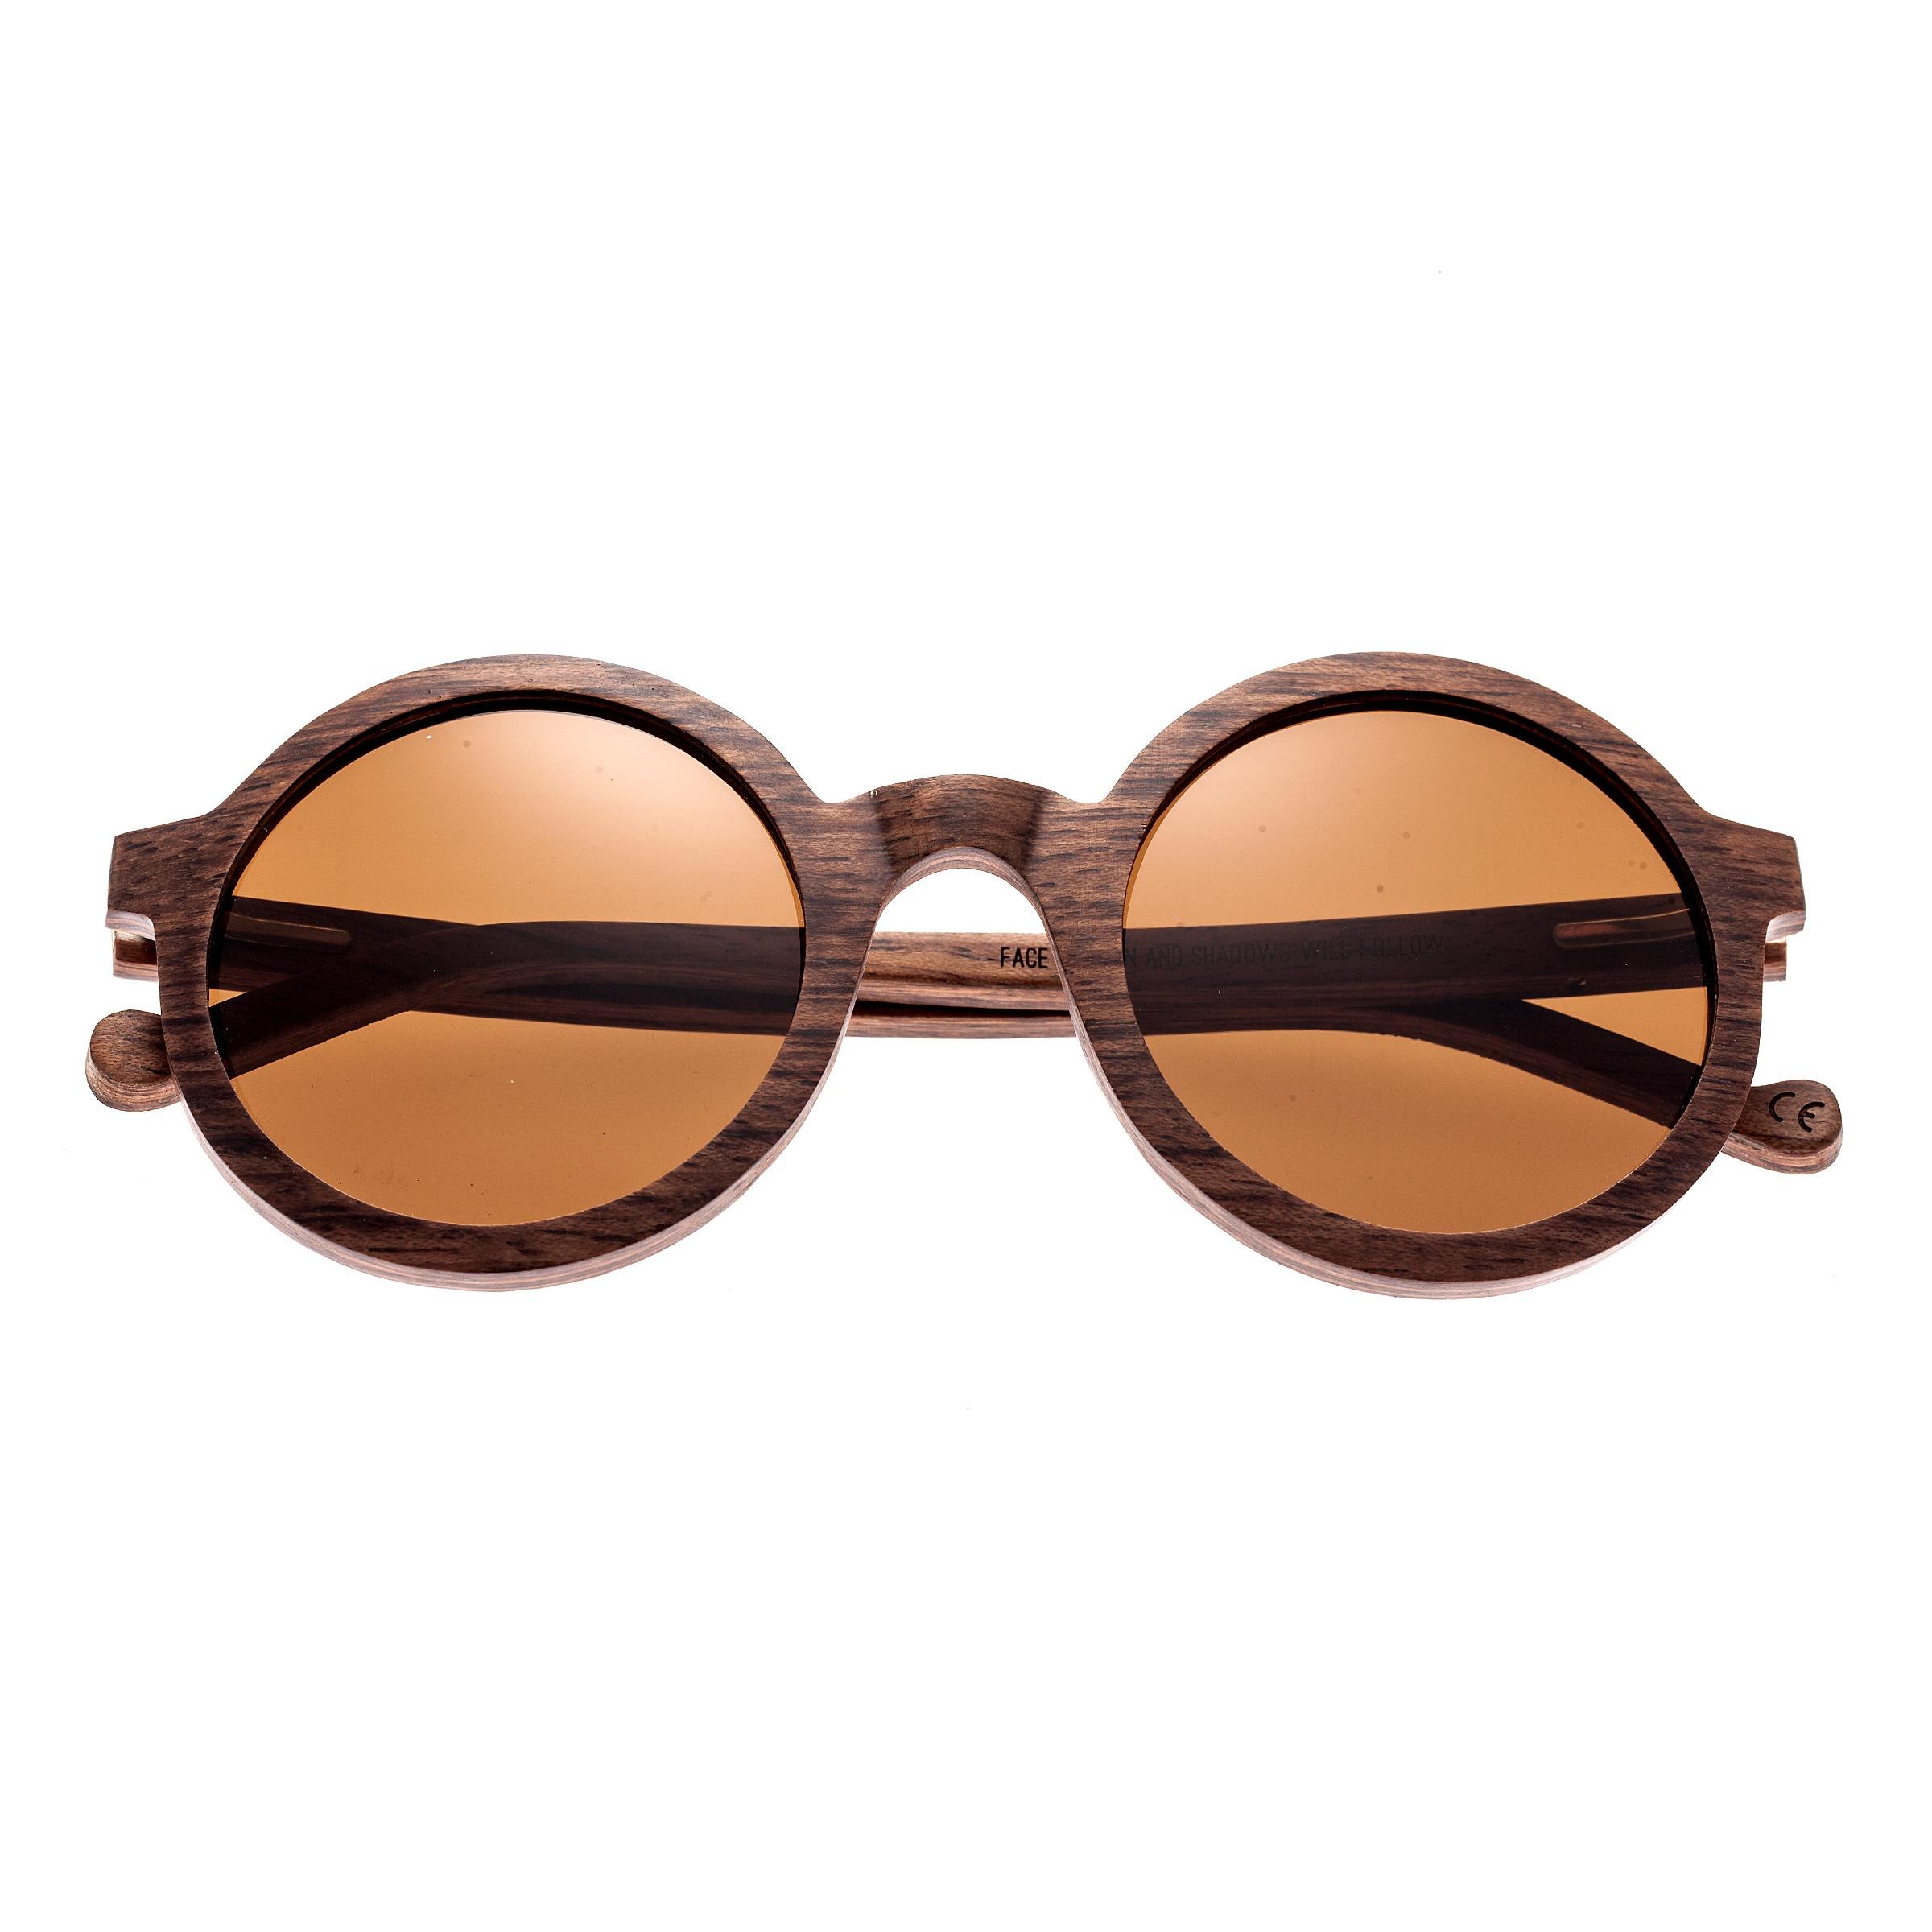 5c7c00e16c17 Earth-Wood-Canary-Polarized-Unisex-Round-Wood-Sunglasses thumbnail